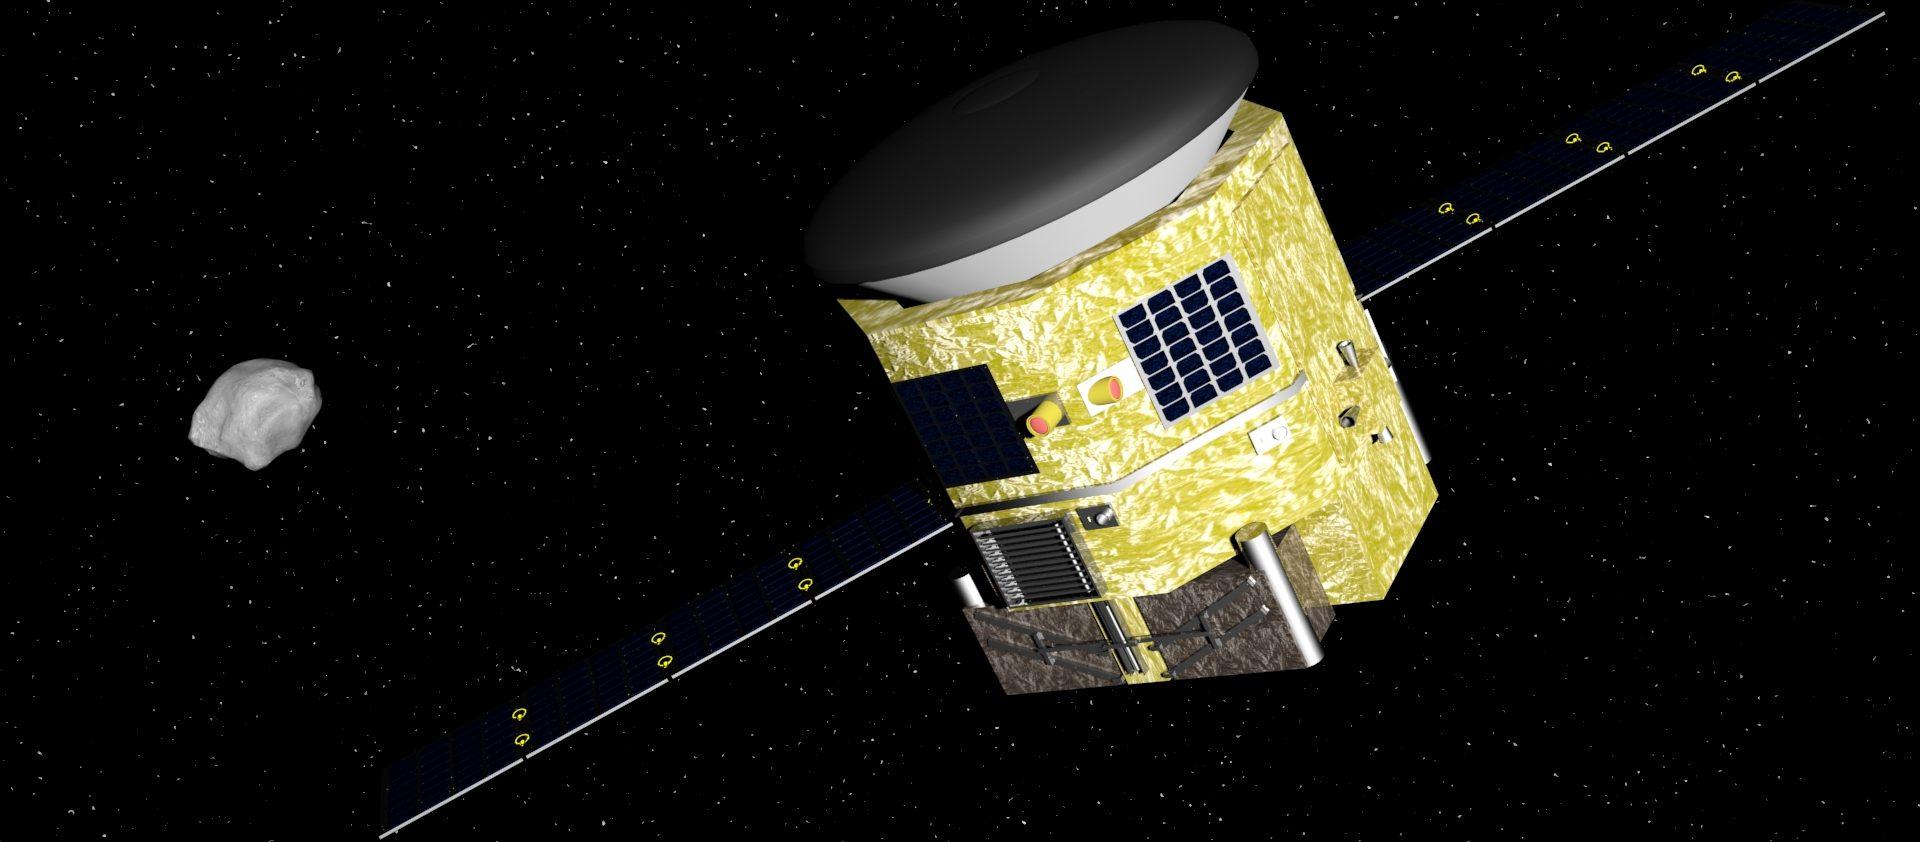 Asteroid Mining Corporation